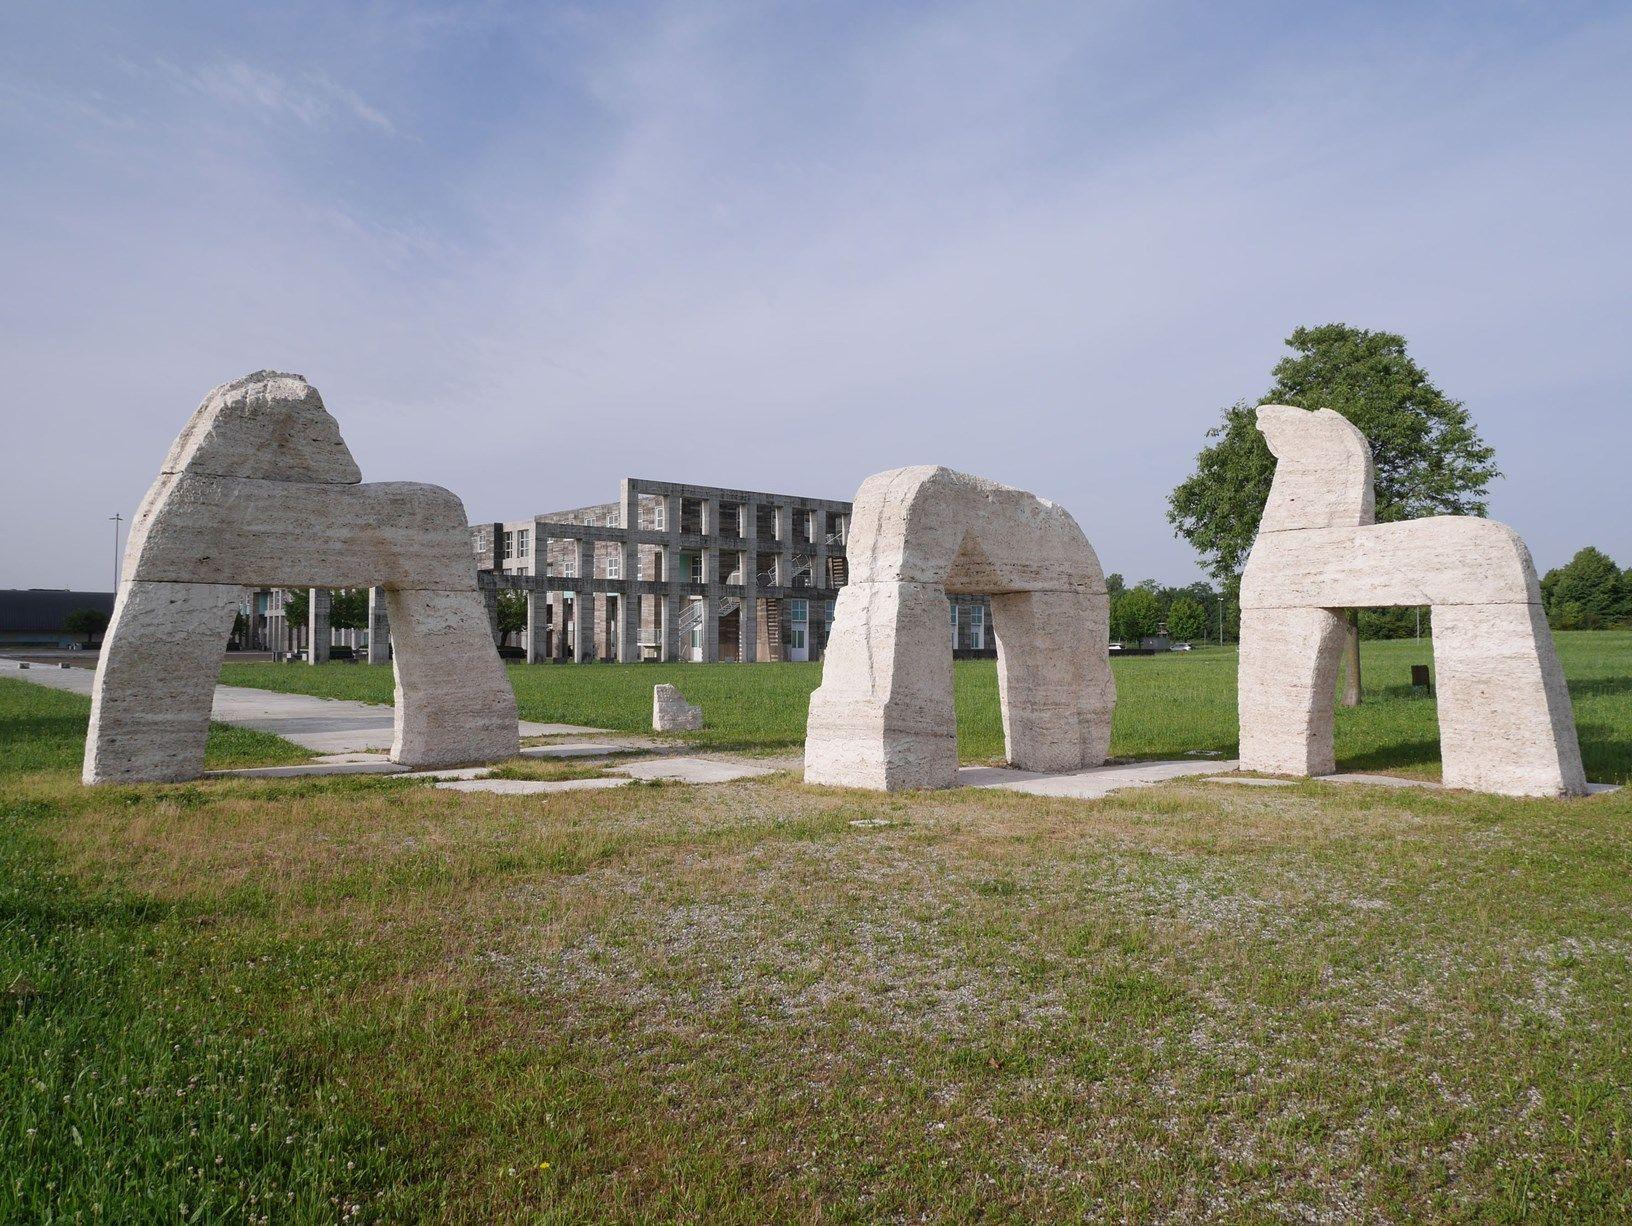 FILA per il mantenimento e il rinnovamento dei 'Cavalli trilitici' di Castelfranco Veneto